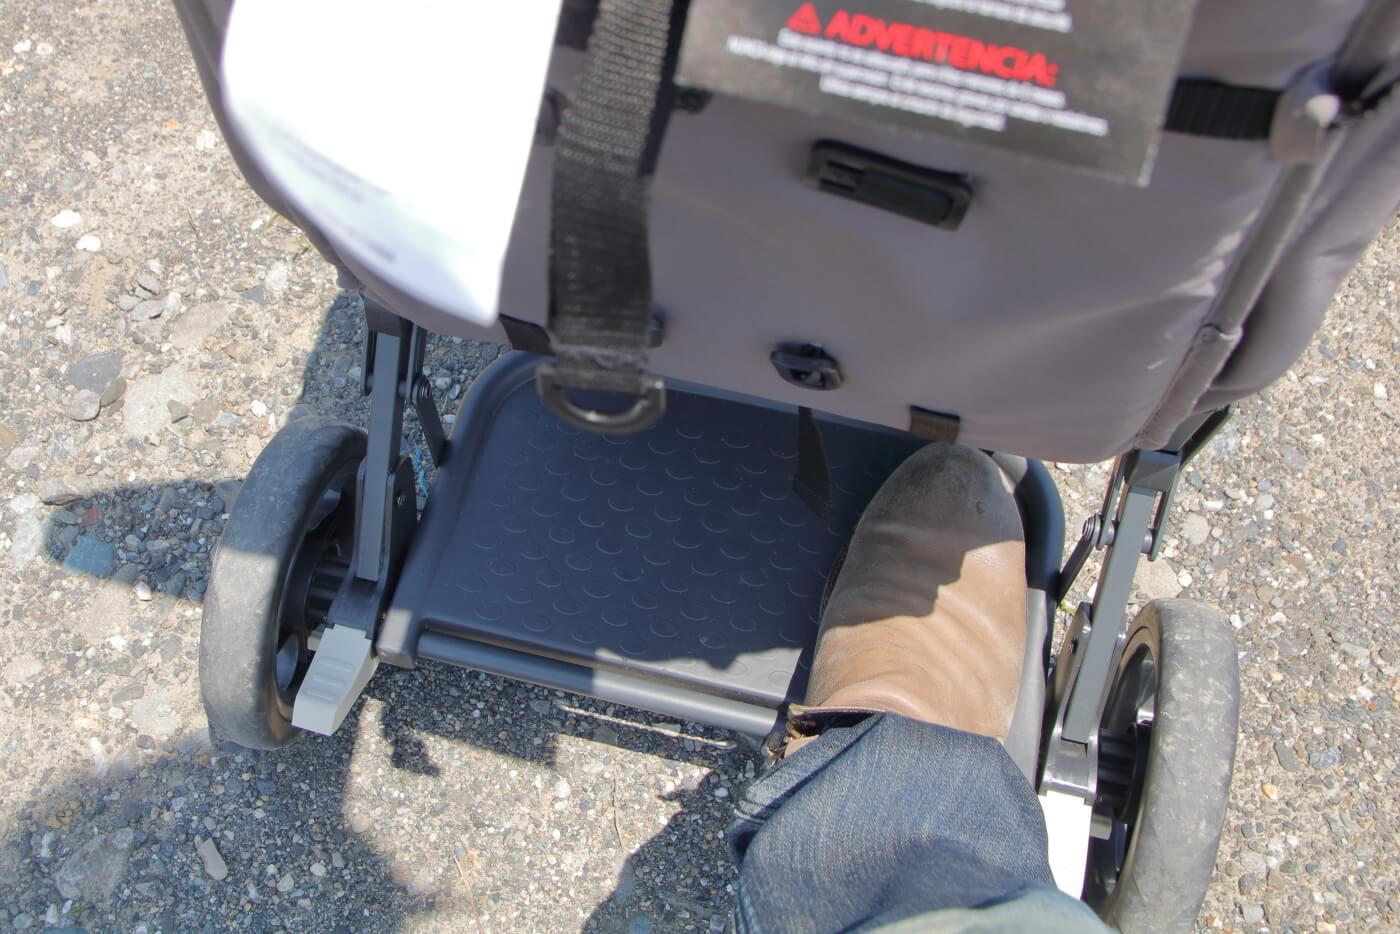 ジュービーカブース・ウルトラライト・グラファイト 後部のステップに足を置いた状態